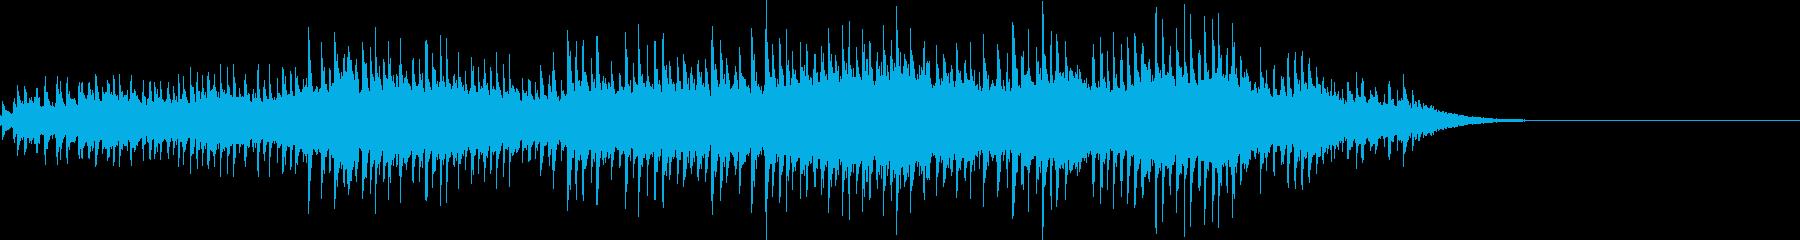 お化け 不思議 コミカル フレクサトーンの再生済みの波形